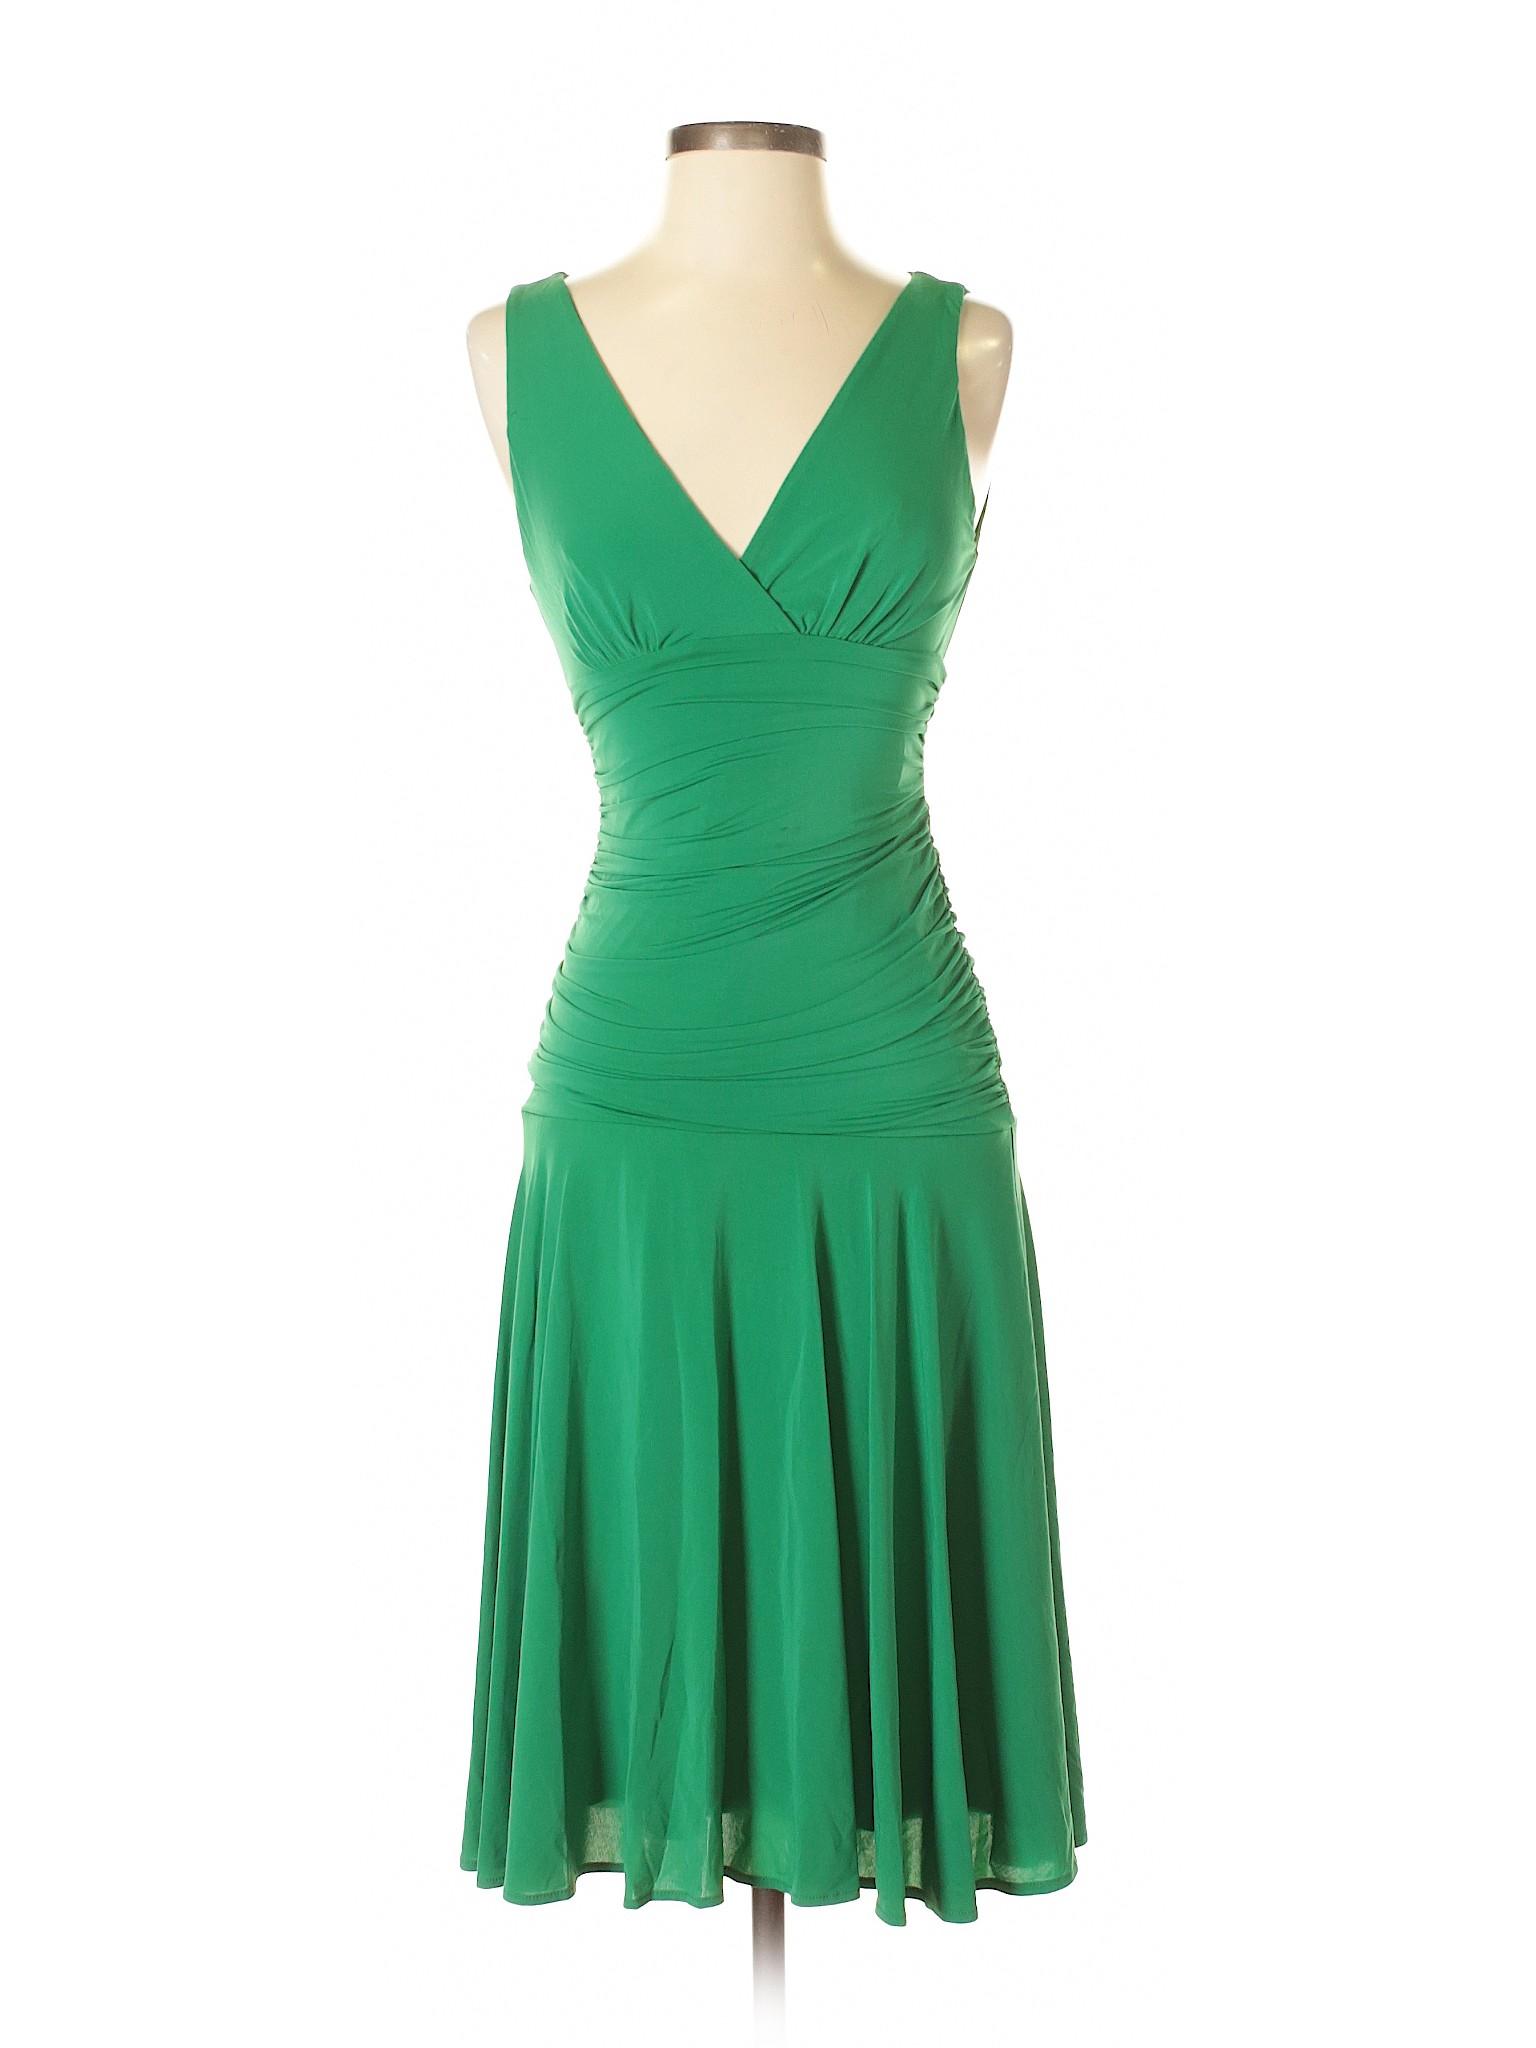 Dress BCBGMAXAZRIA BCBGMAXAZRIA BCBGMAXAZRIA Selling Selling Dress Selling Selling Dress Casual Casual Casual Otxw1na